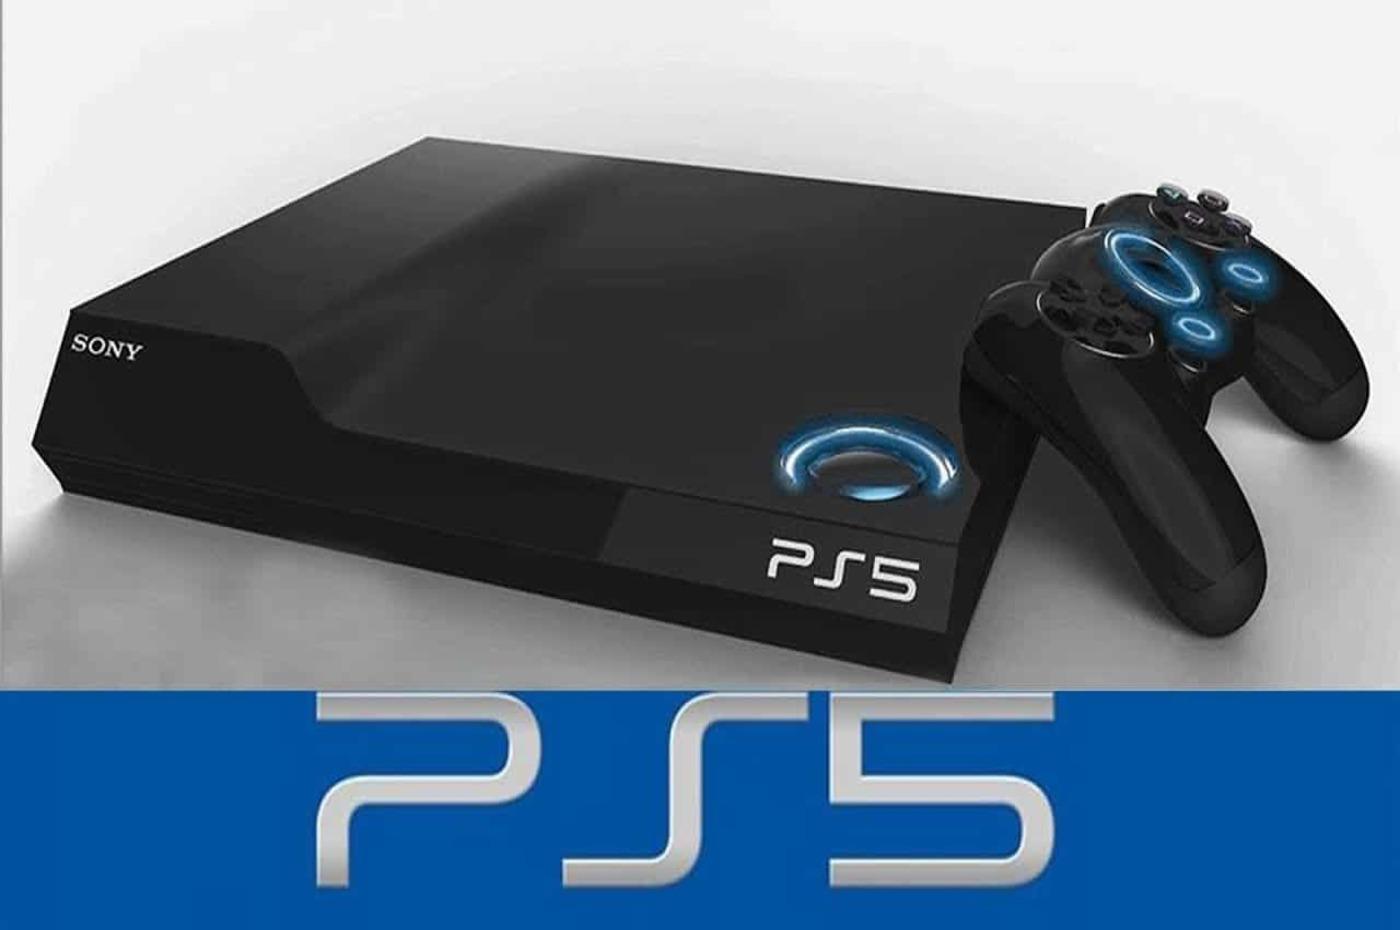 La PS5 proposera t-elle la rétrocompatibilité ?